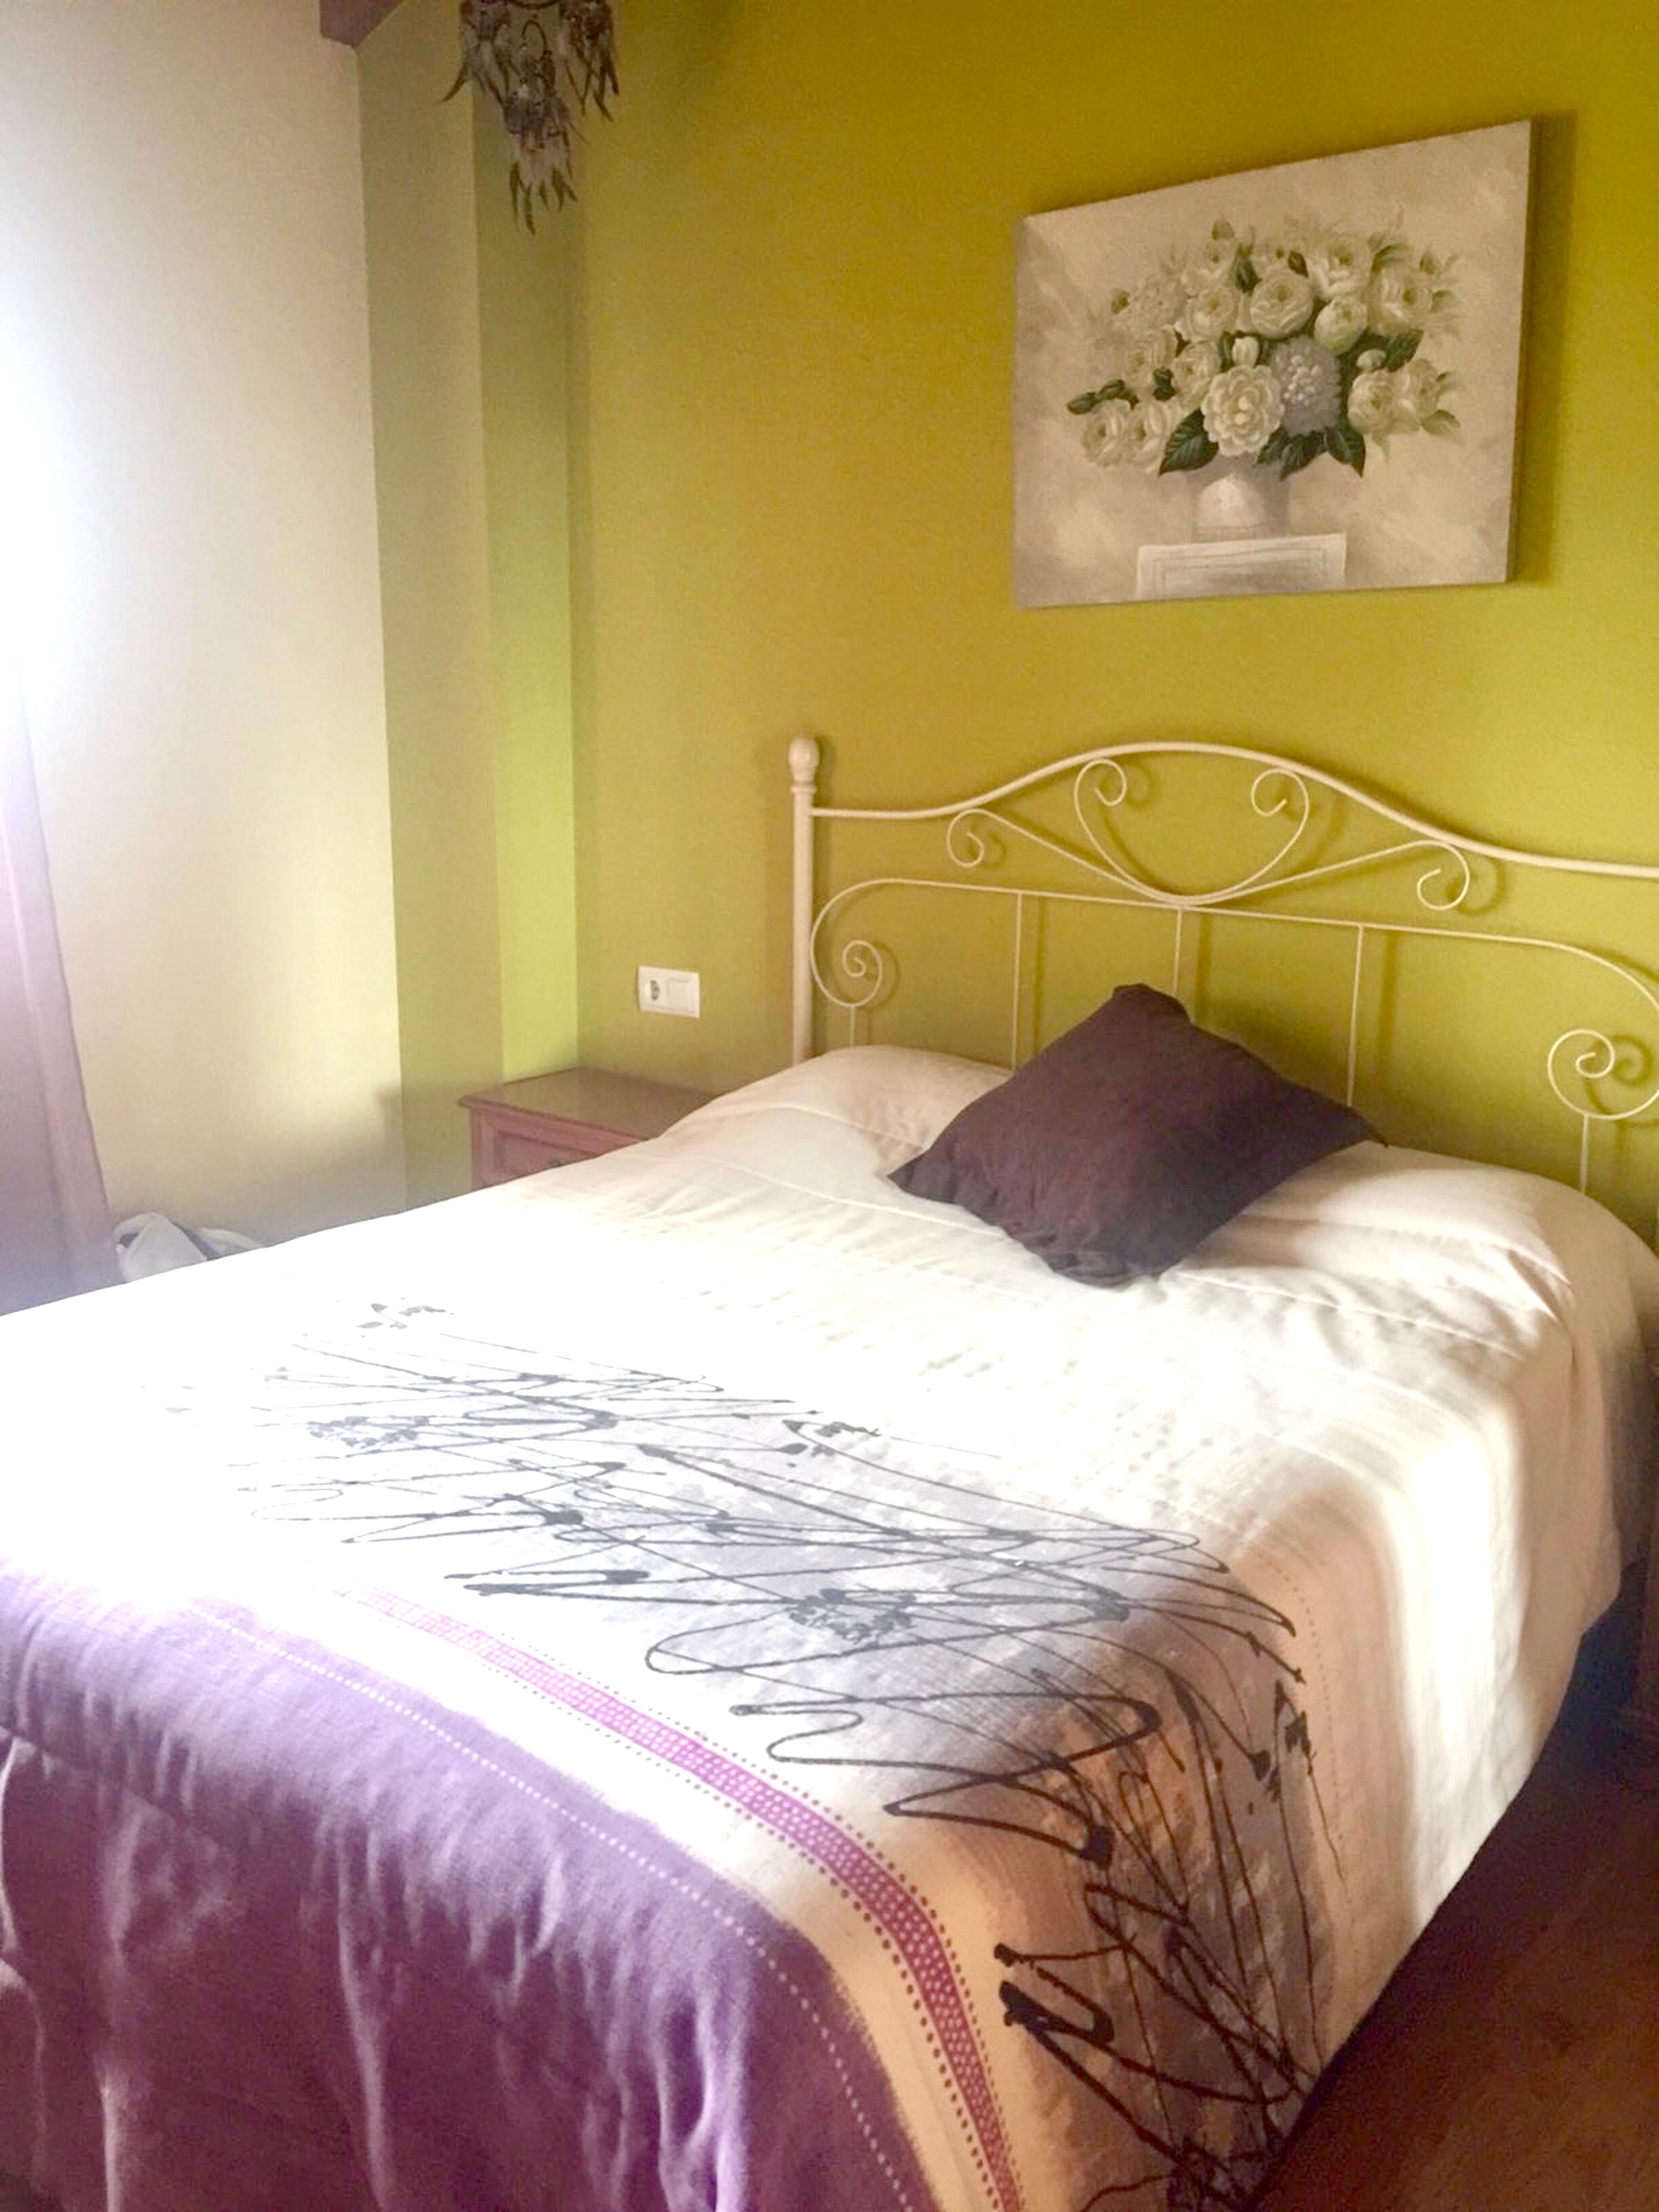 Ferienhaus Haus mit 3 Schlafzimmern in Arellano mit toller Aussicht auf die Berge und möblierter Terr (2420299), Arellano, , Navarra, Spanien, Bild 7